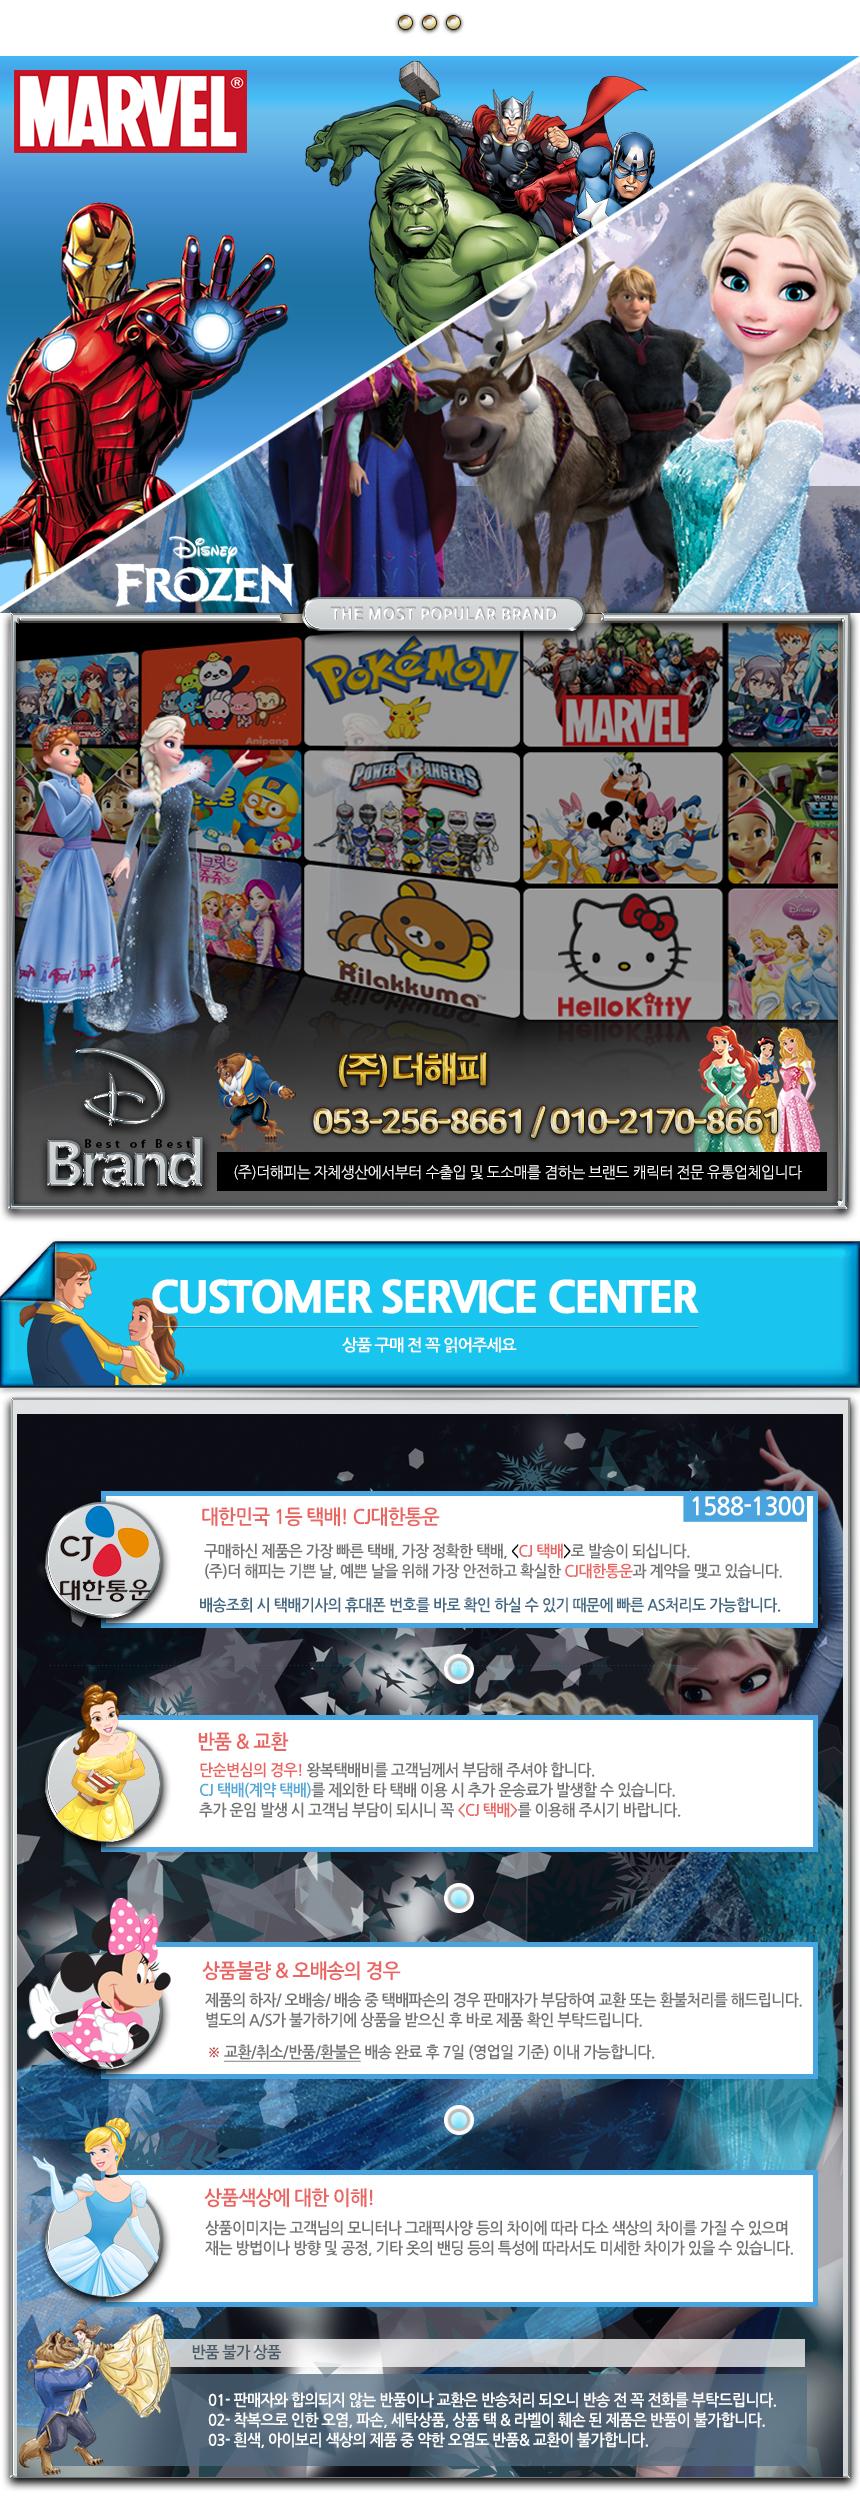 디즈니 정품 겨울왕국 아동 캐릭터 앞치마 세트 - 더해피, 17,800원, 미술놀이, 앞치마/가운/팔토시